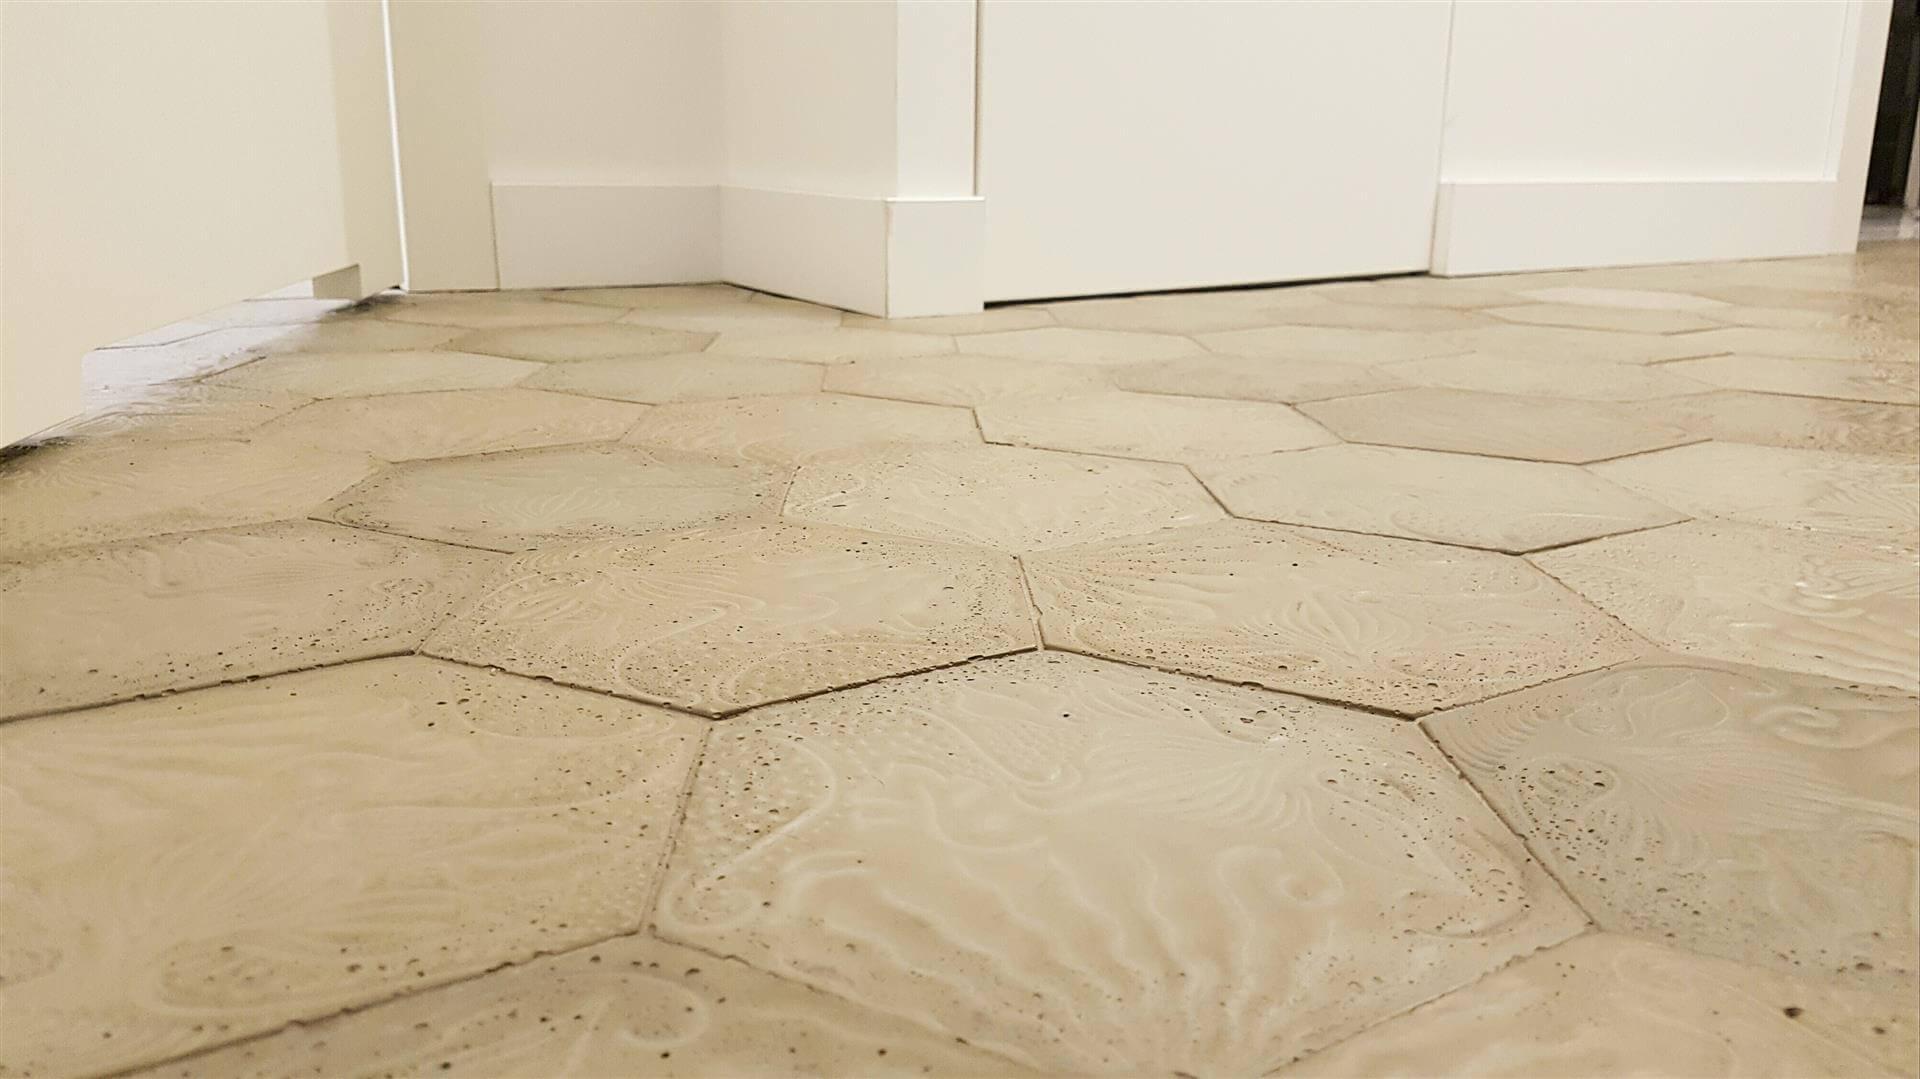 La rambla concrete floor tiles III